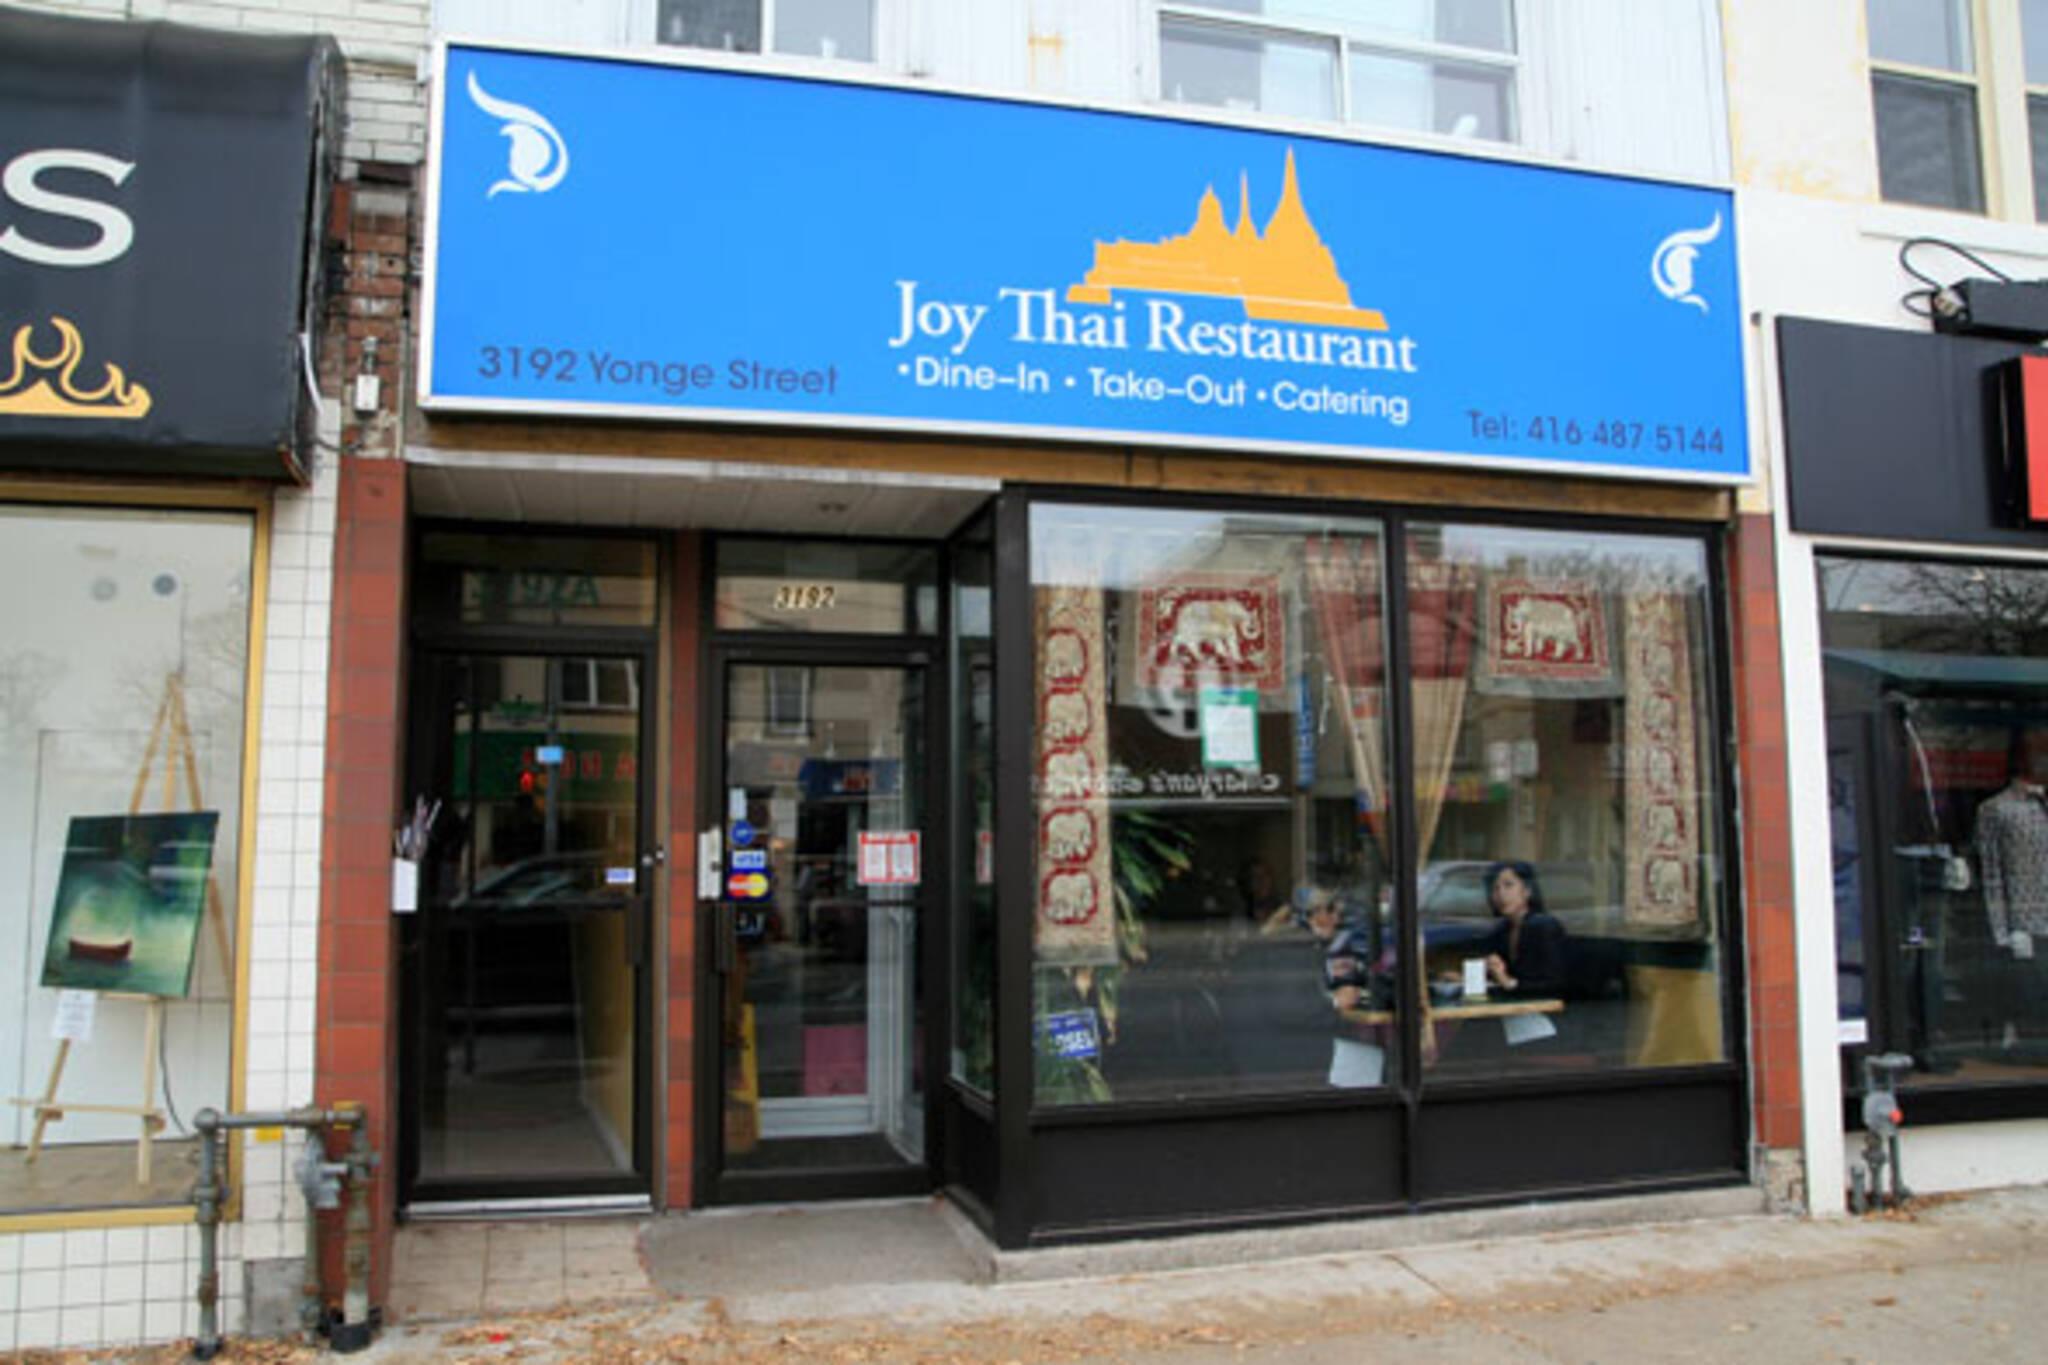 Joy Thai